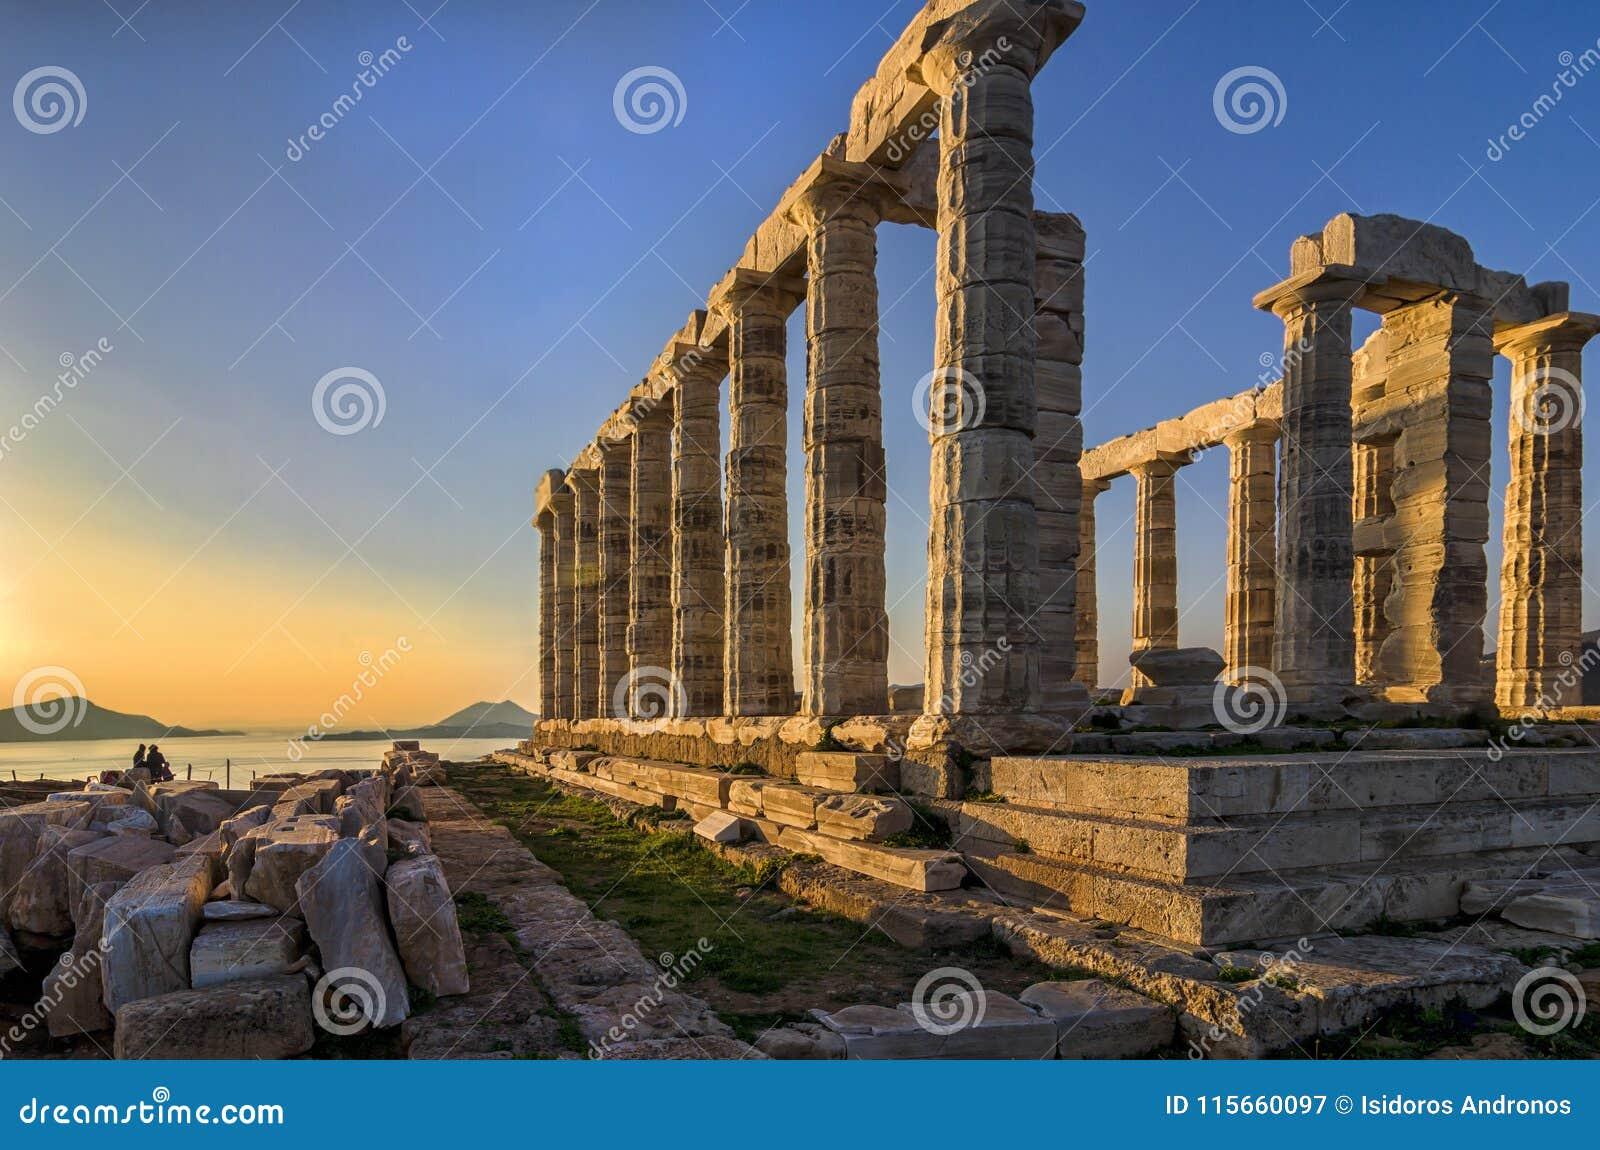 Sounion, Attika/Griechenland: Bunter Sonnenuntergang am Kap Sounion und die Ruinen des Tempels Poseidon mit Patroklos-Insel sicht